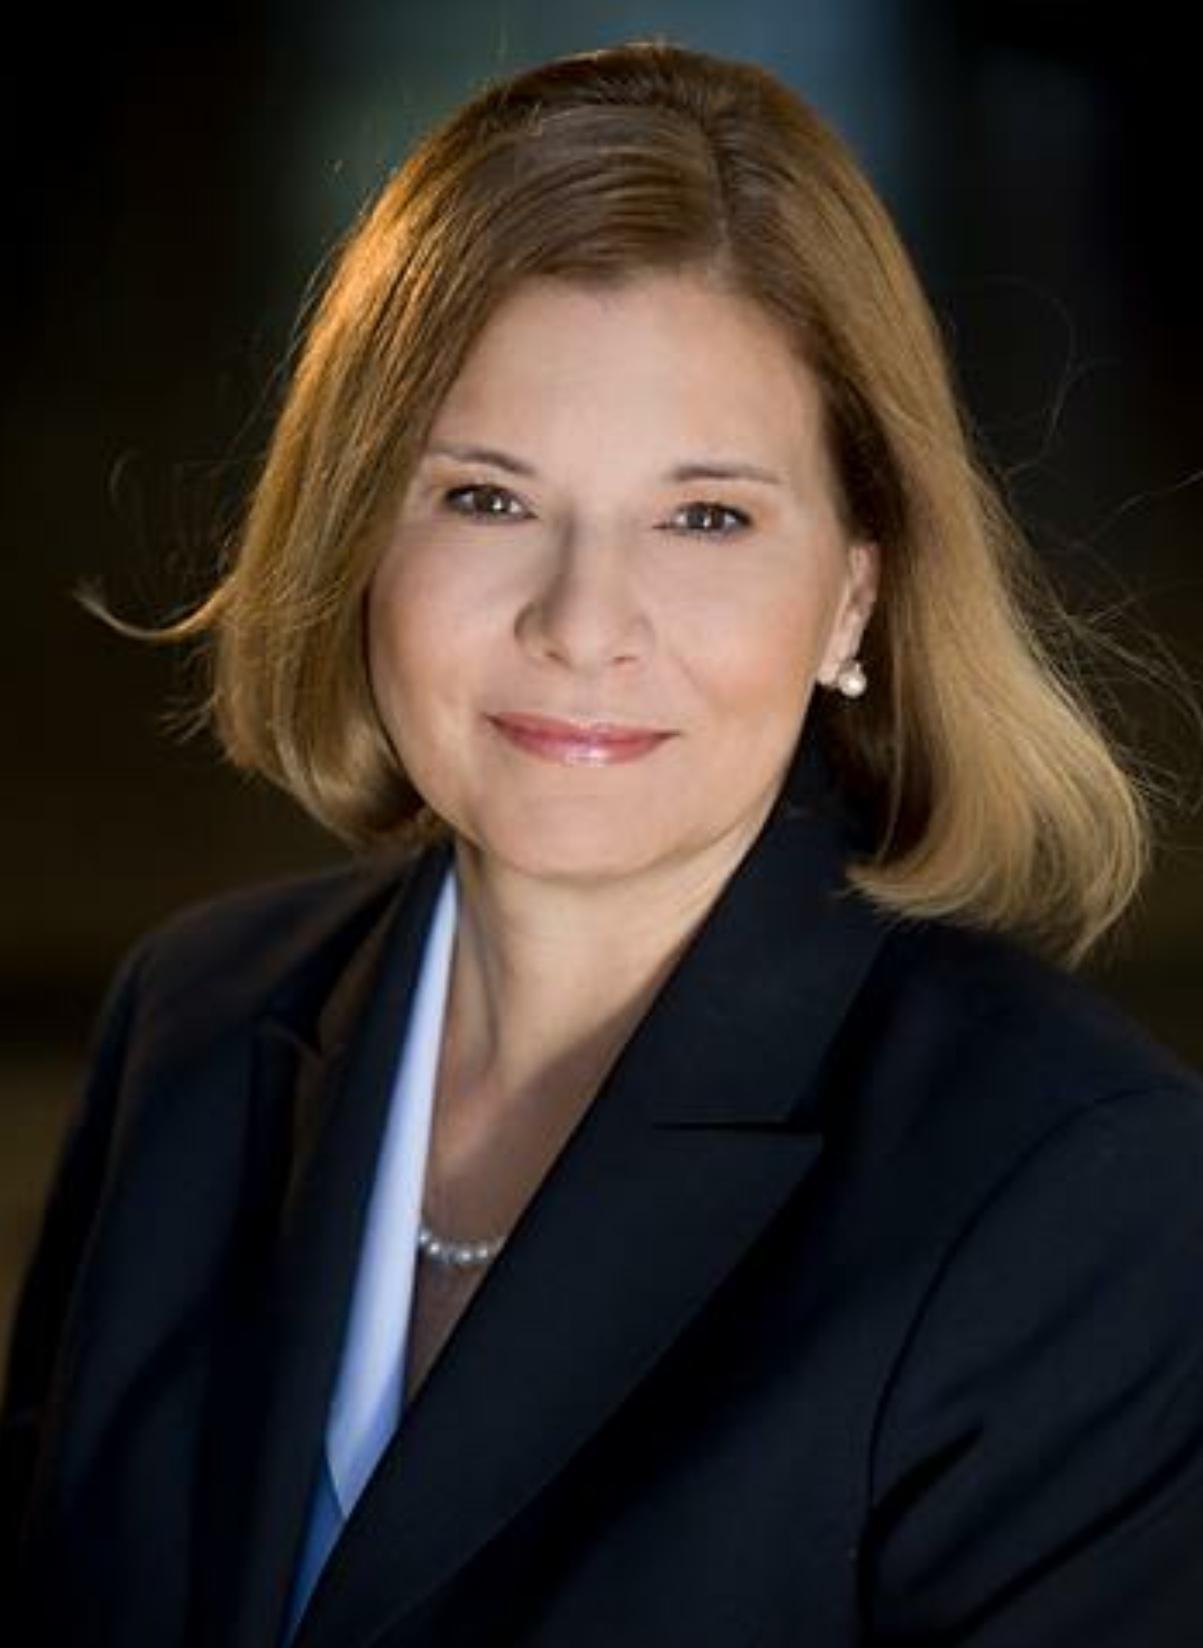 Andrea Erard